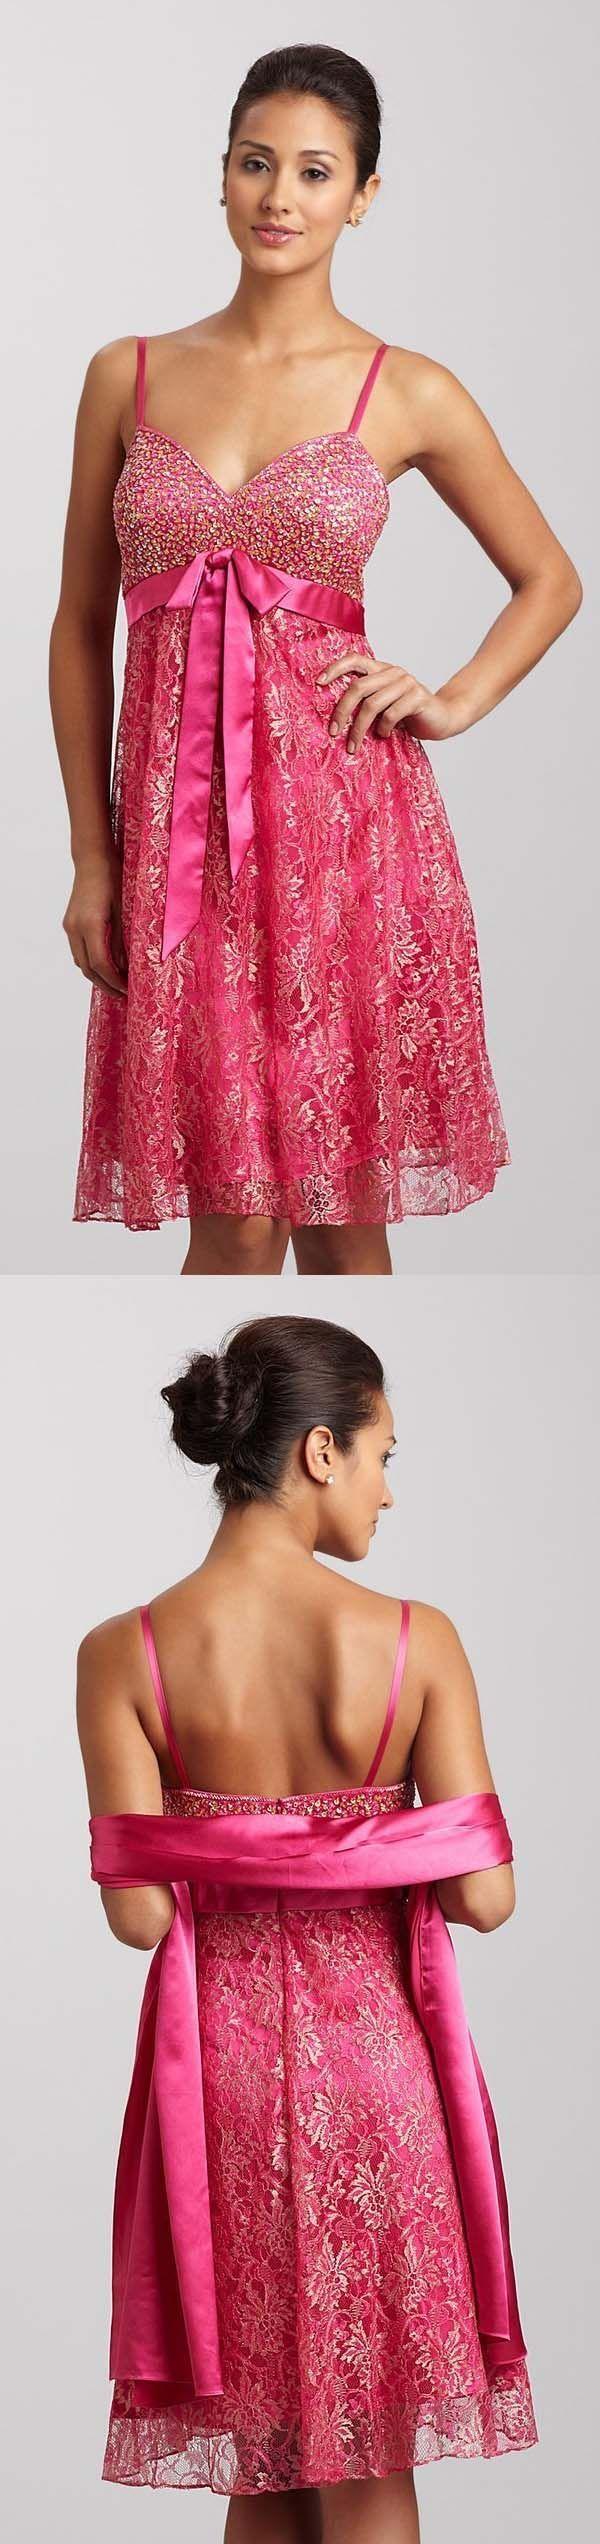 Lujo Vestidos J Adore Dama De Honor Fotos - Colección de Vestidos de ...